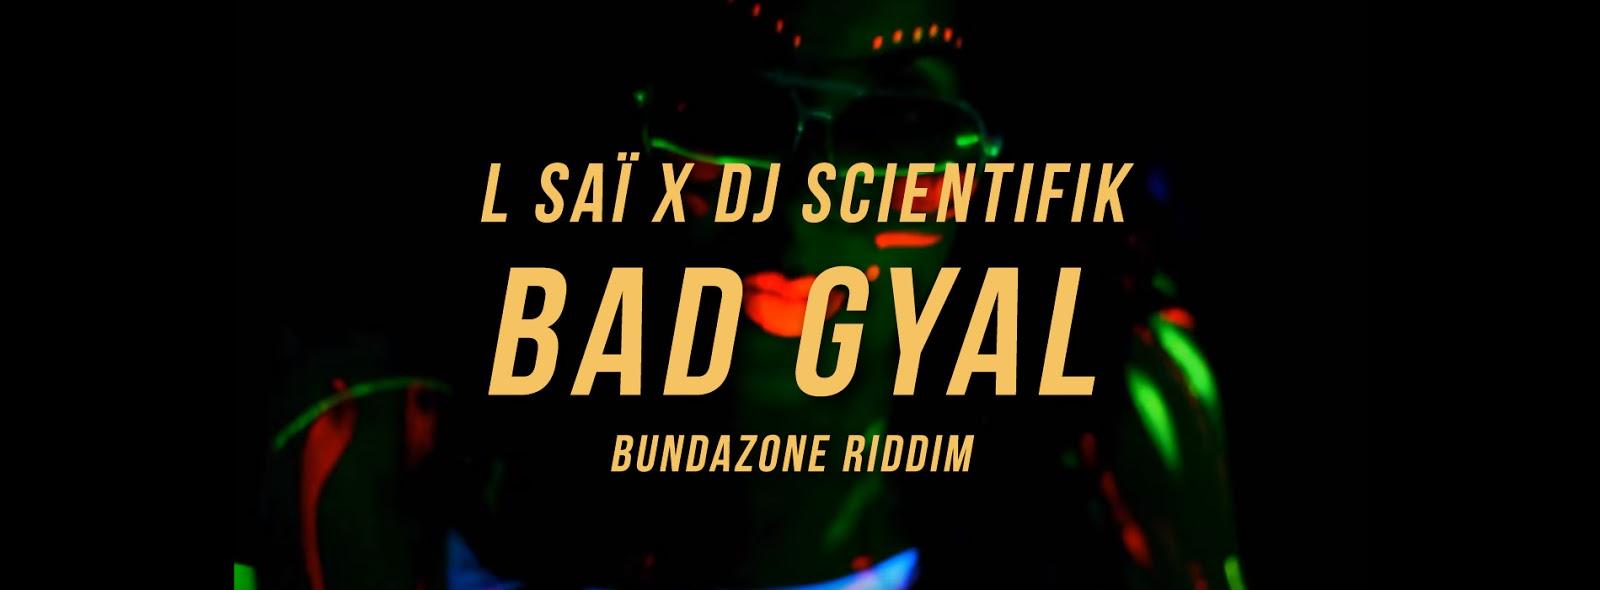 L-Saï x Dj Scientifik - Bad gyal (Bundazone riddim)